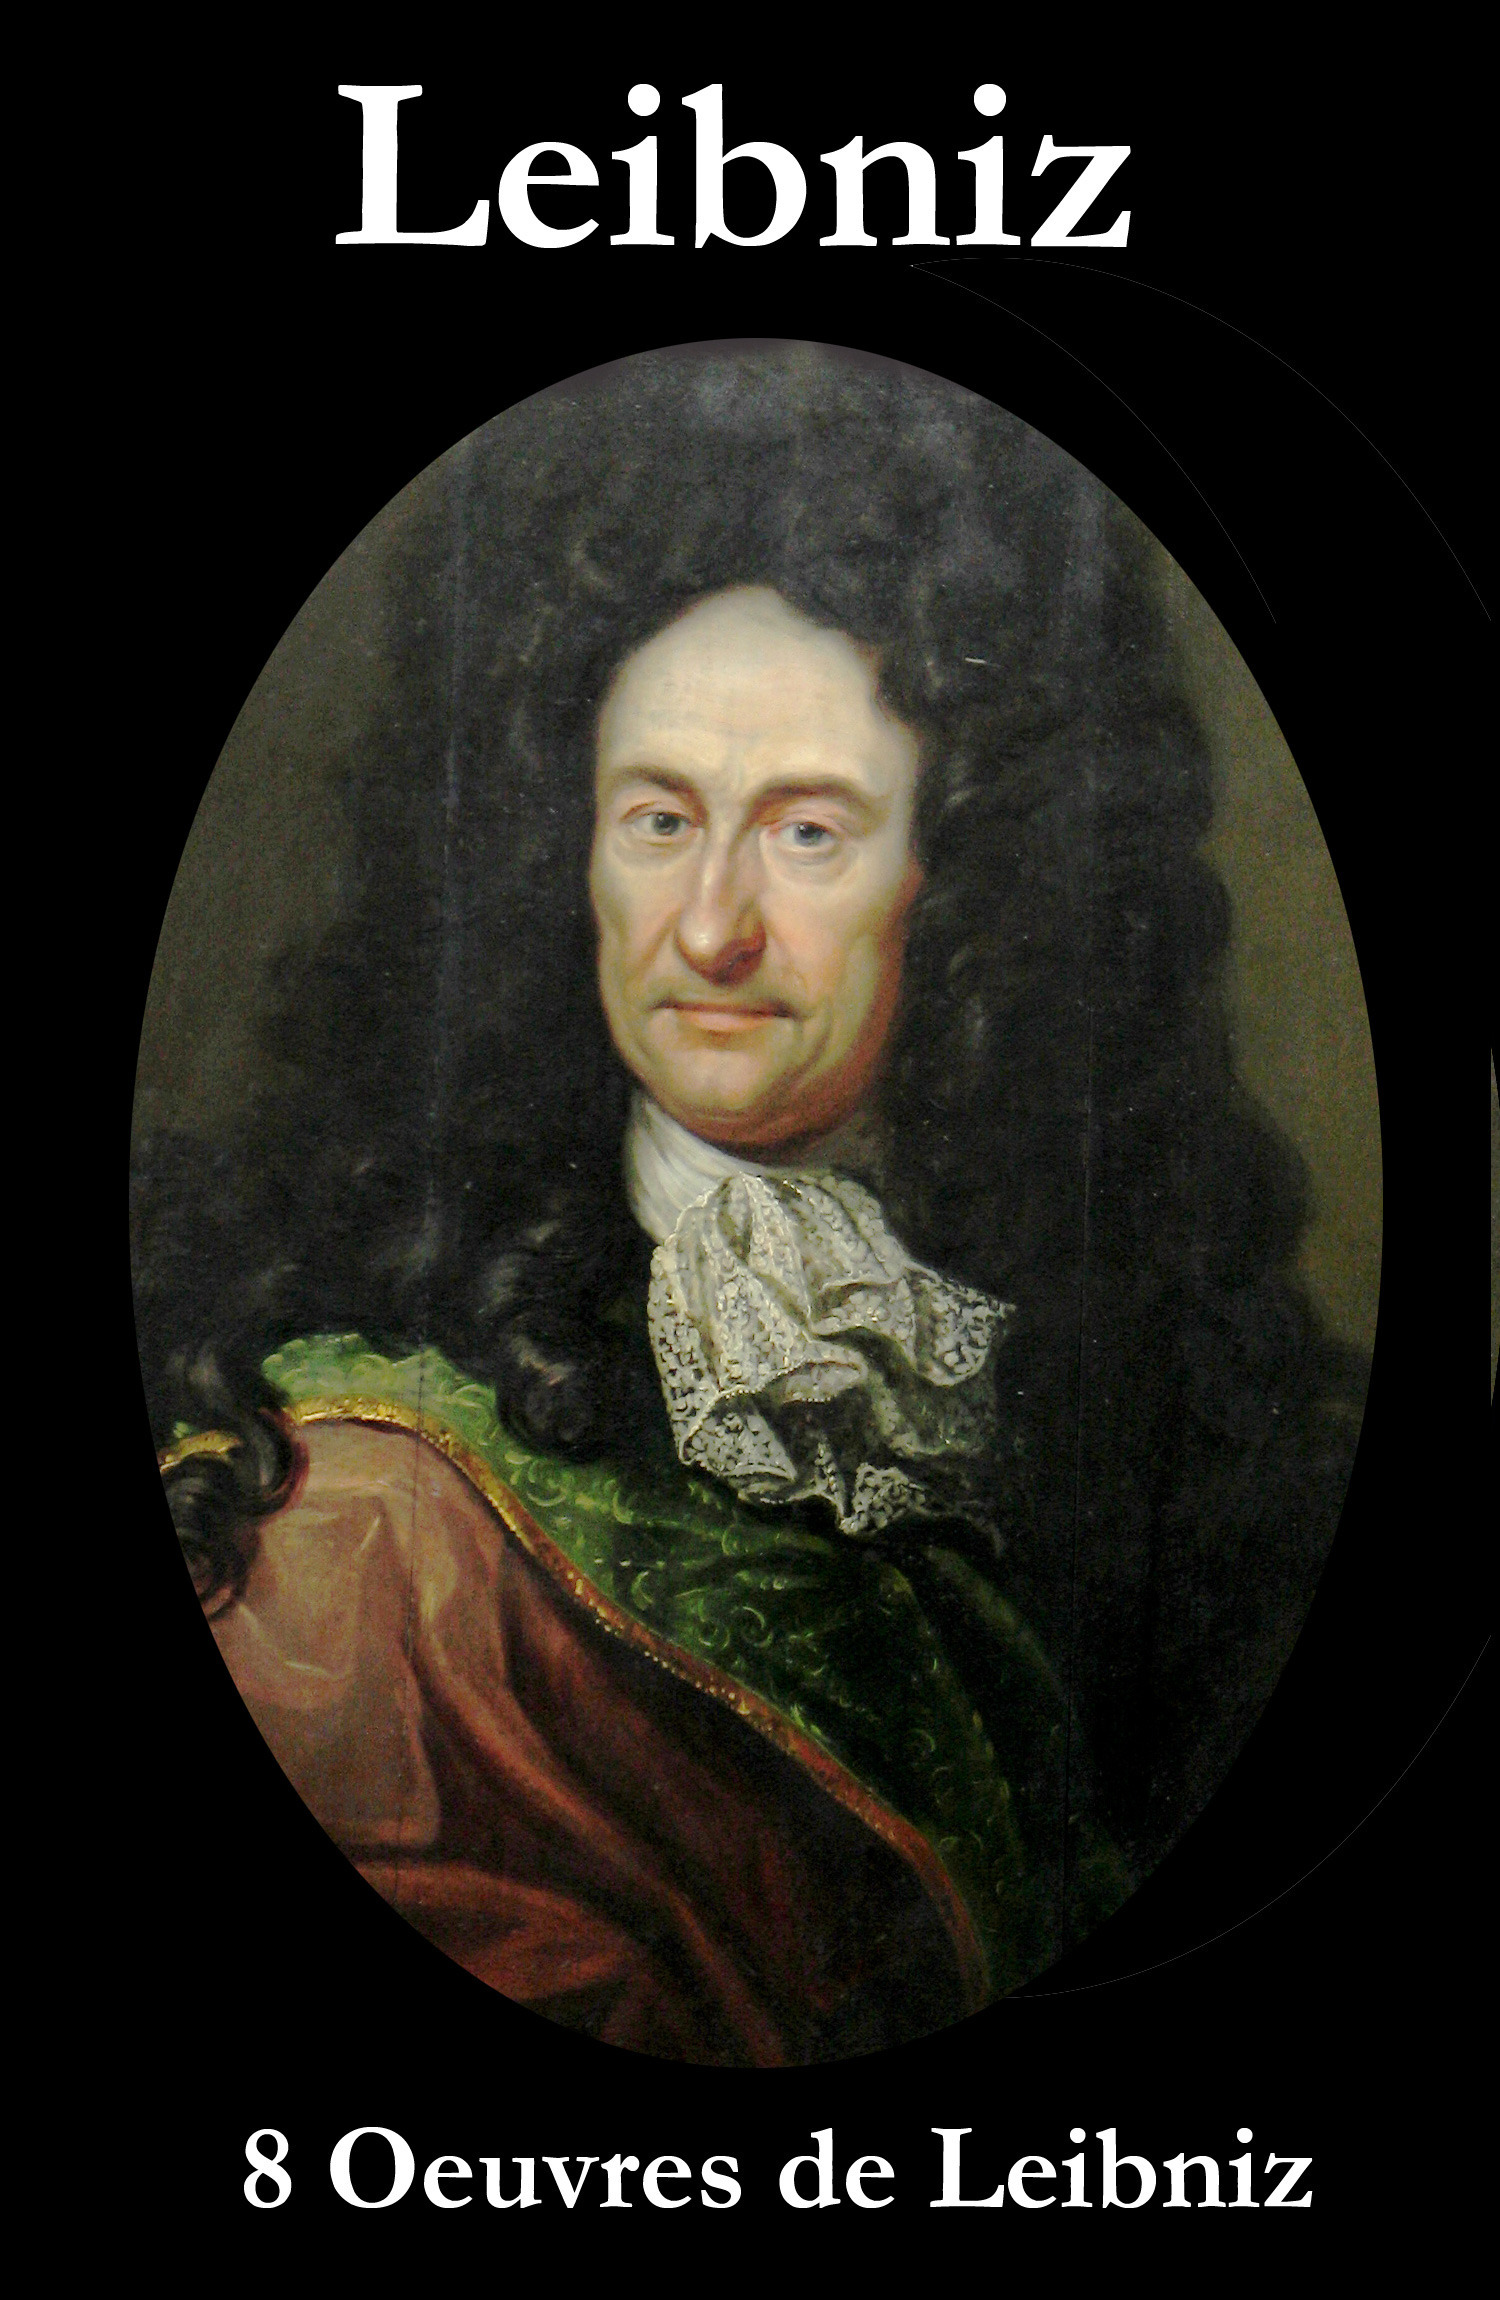 8 Oeuvres de Leibniz